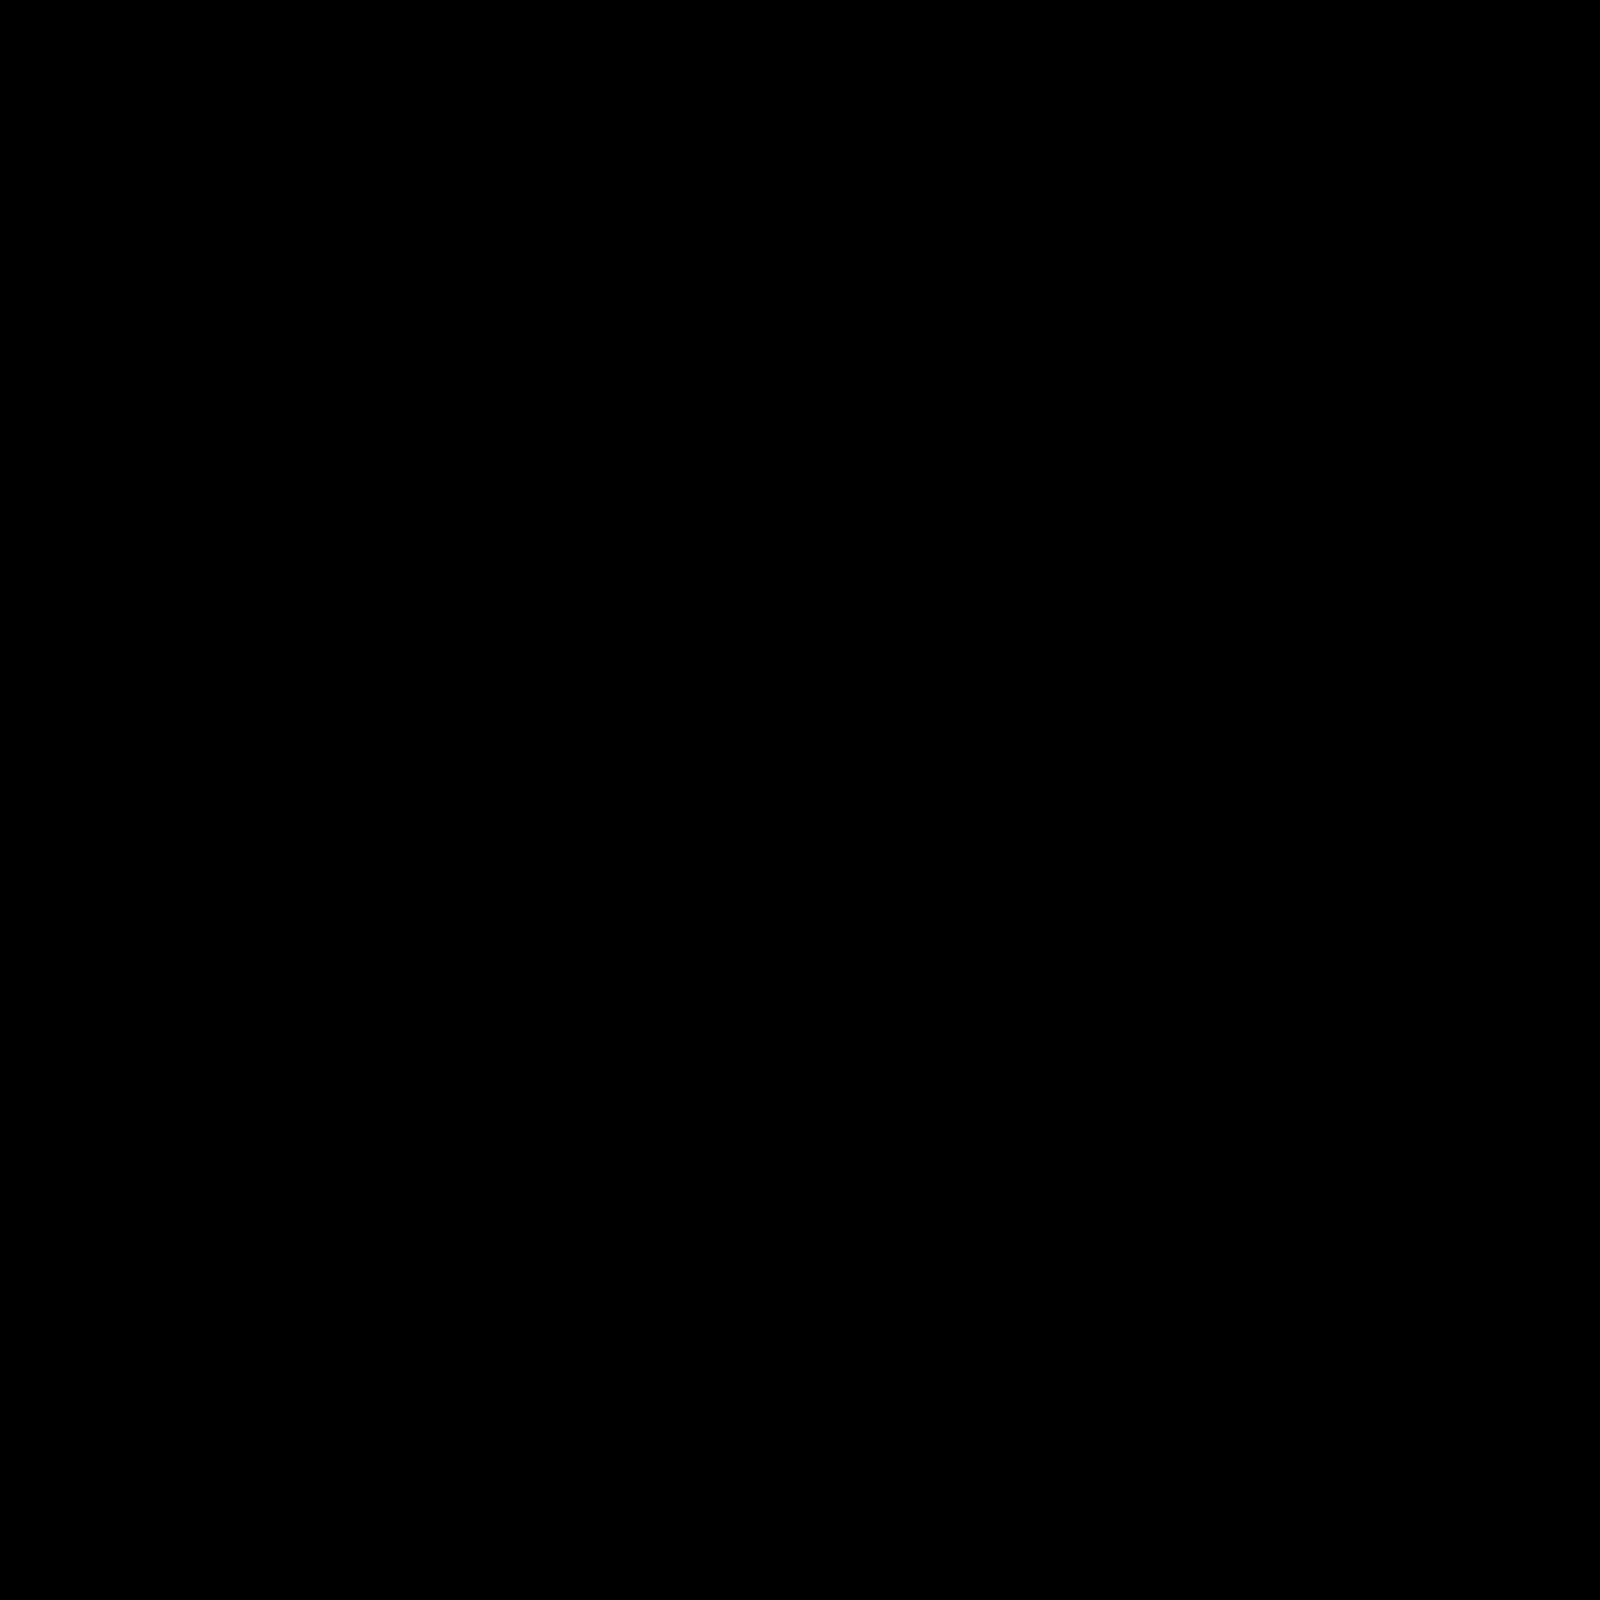 1600x1600 File Icon